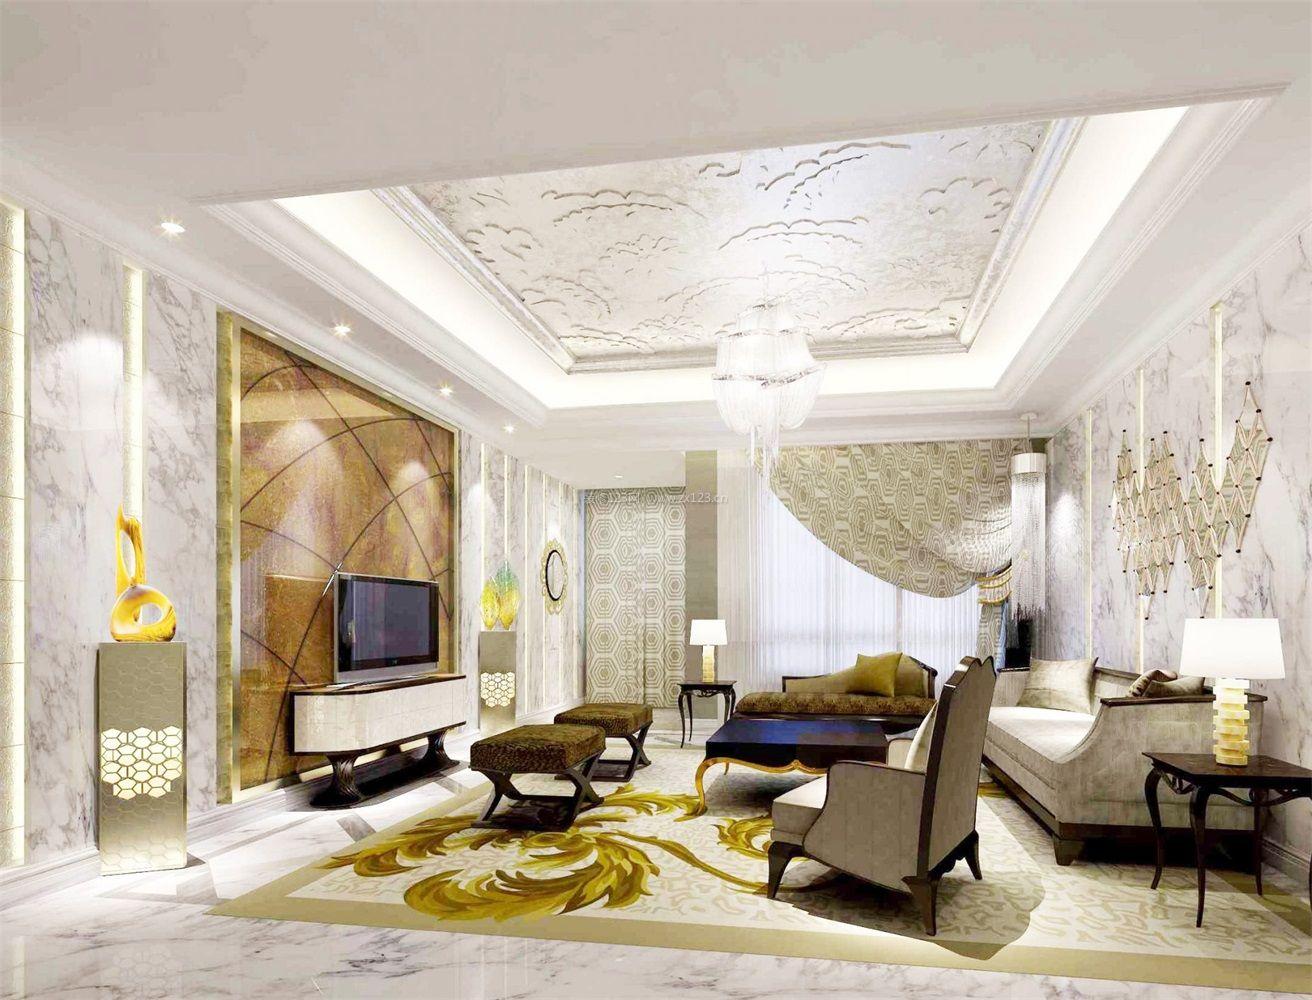 简约时尚欧式客厅吊顶装饰效果图_装修123效果图图片